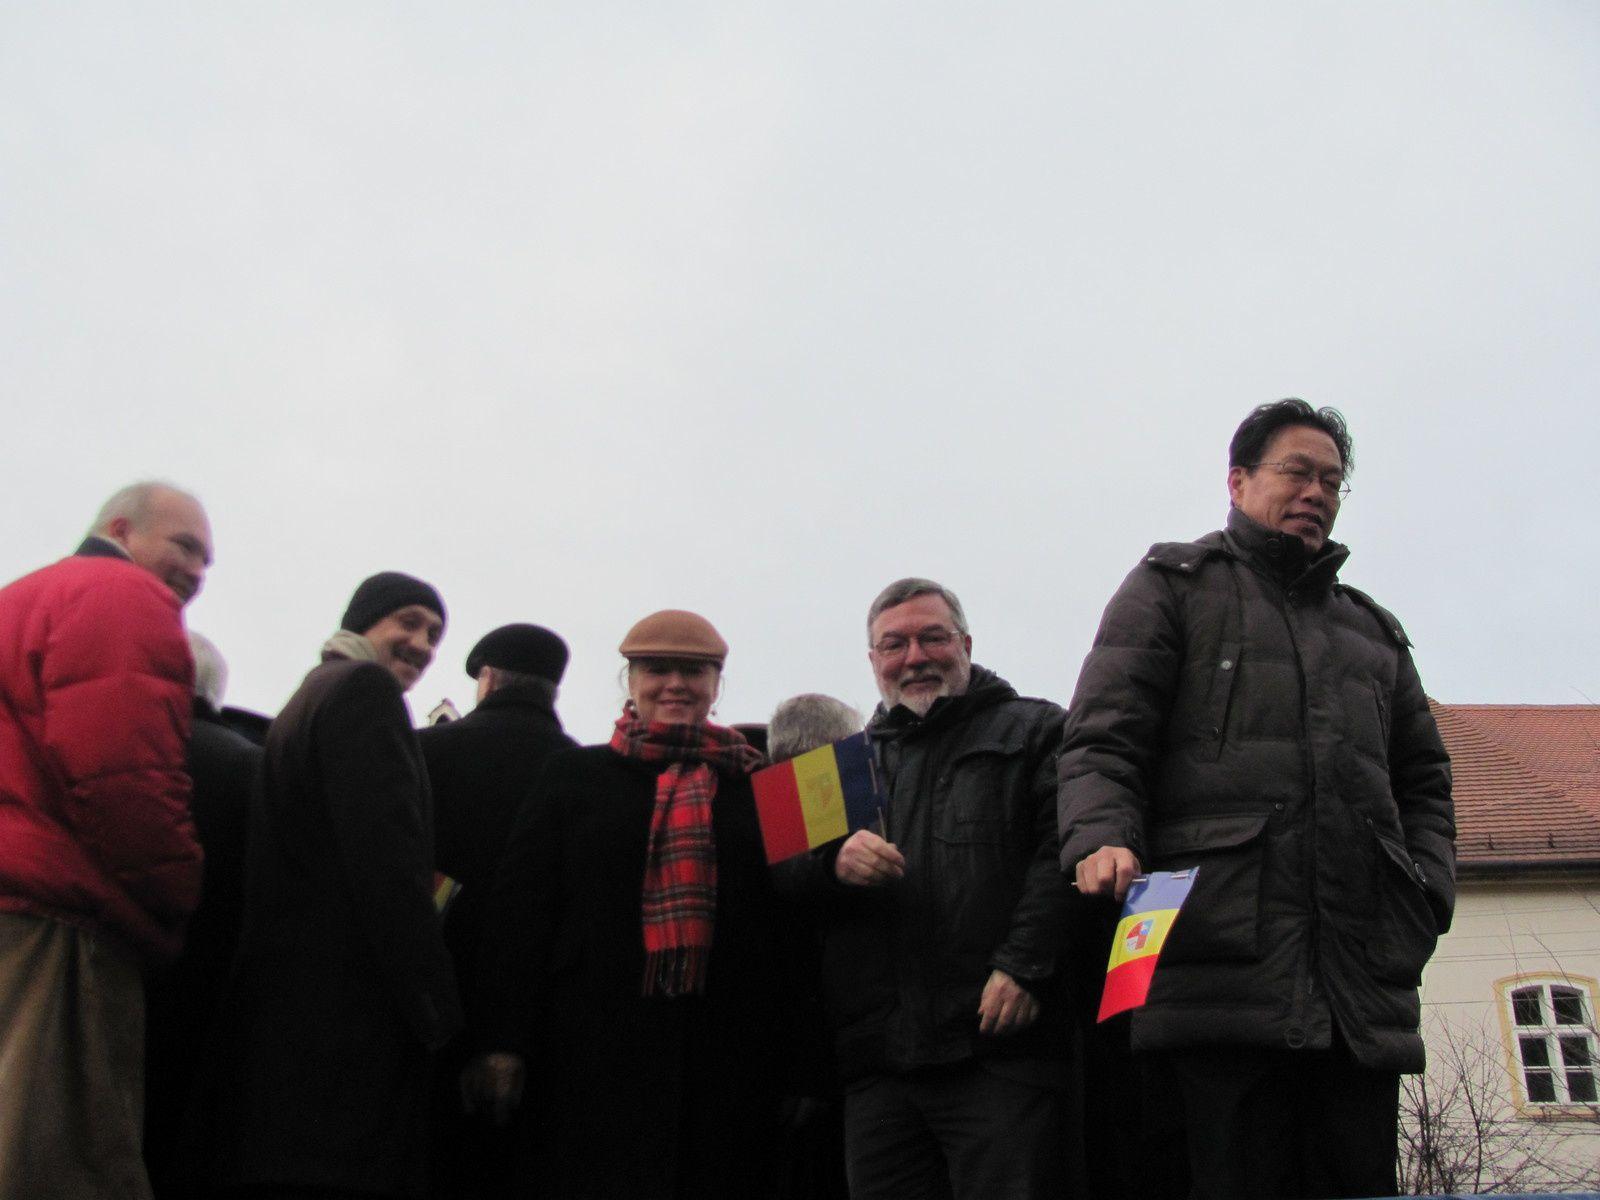 """Festival International de Théâtre et de Littérature """"Liviu REBREANU"""" de Bistrita (Transylvanie - Roumanie) du 26 novembre au 1er décembre 2014"""